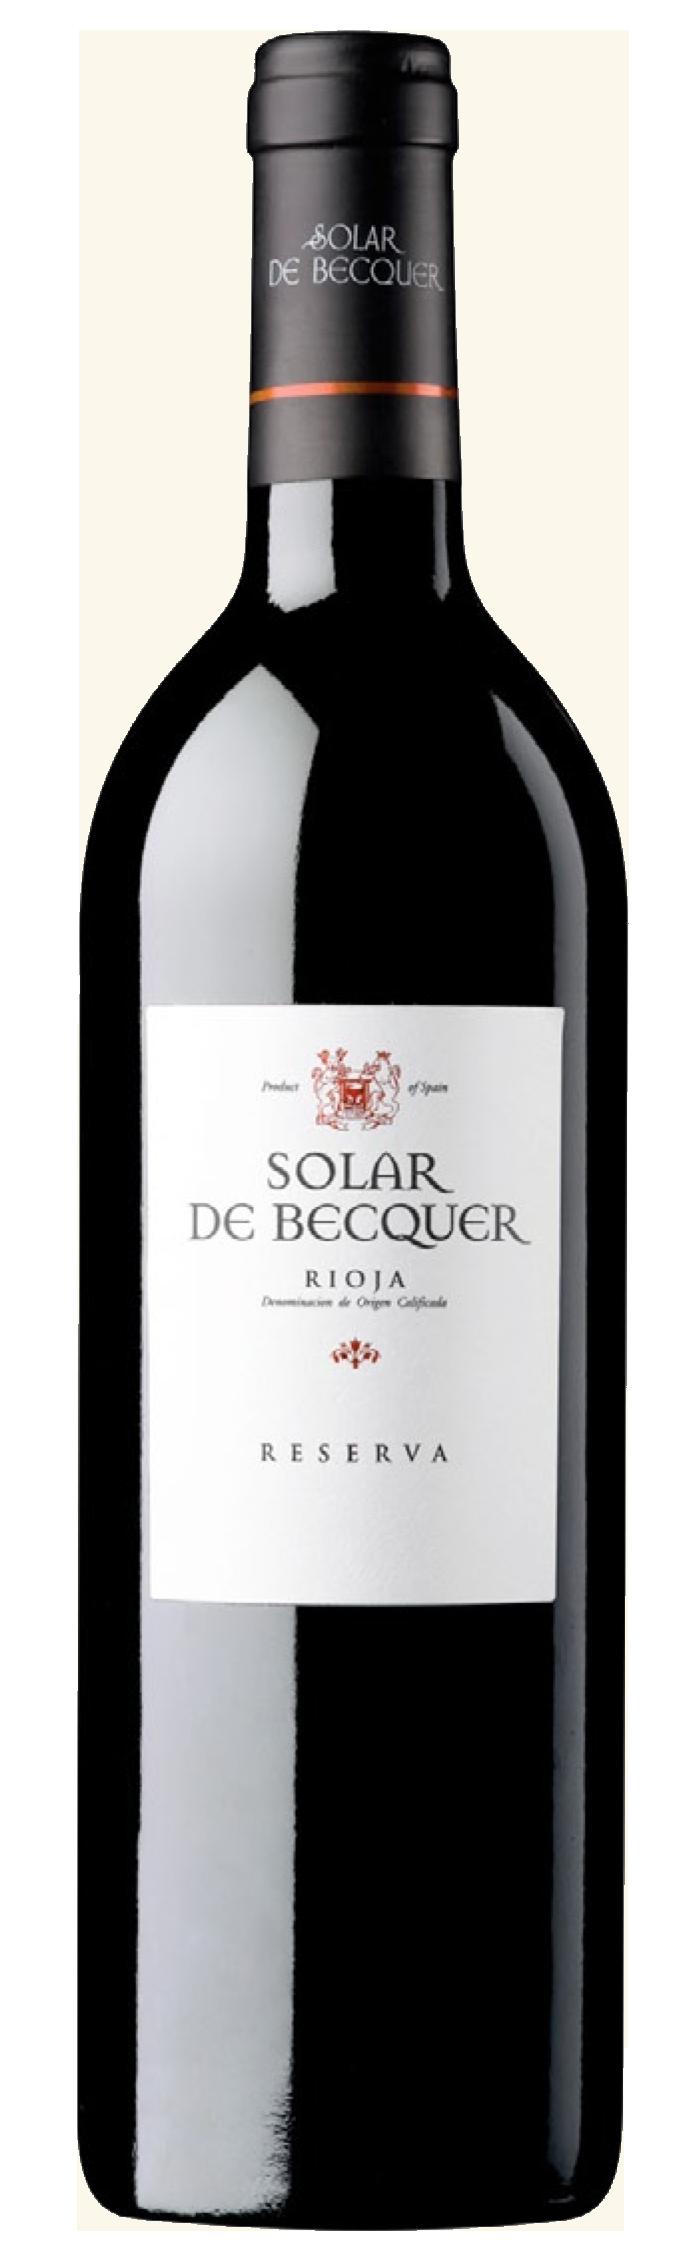 Bodegas Escudero Solar de Becquer Reserva 2011